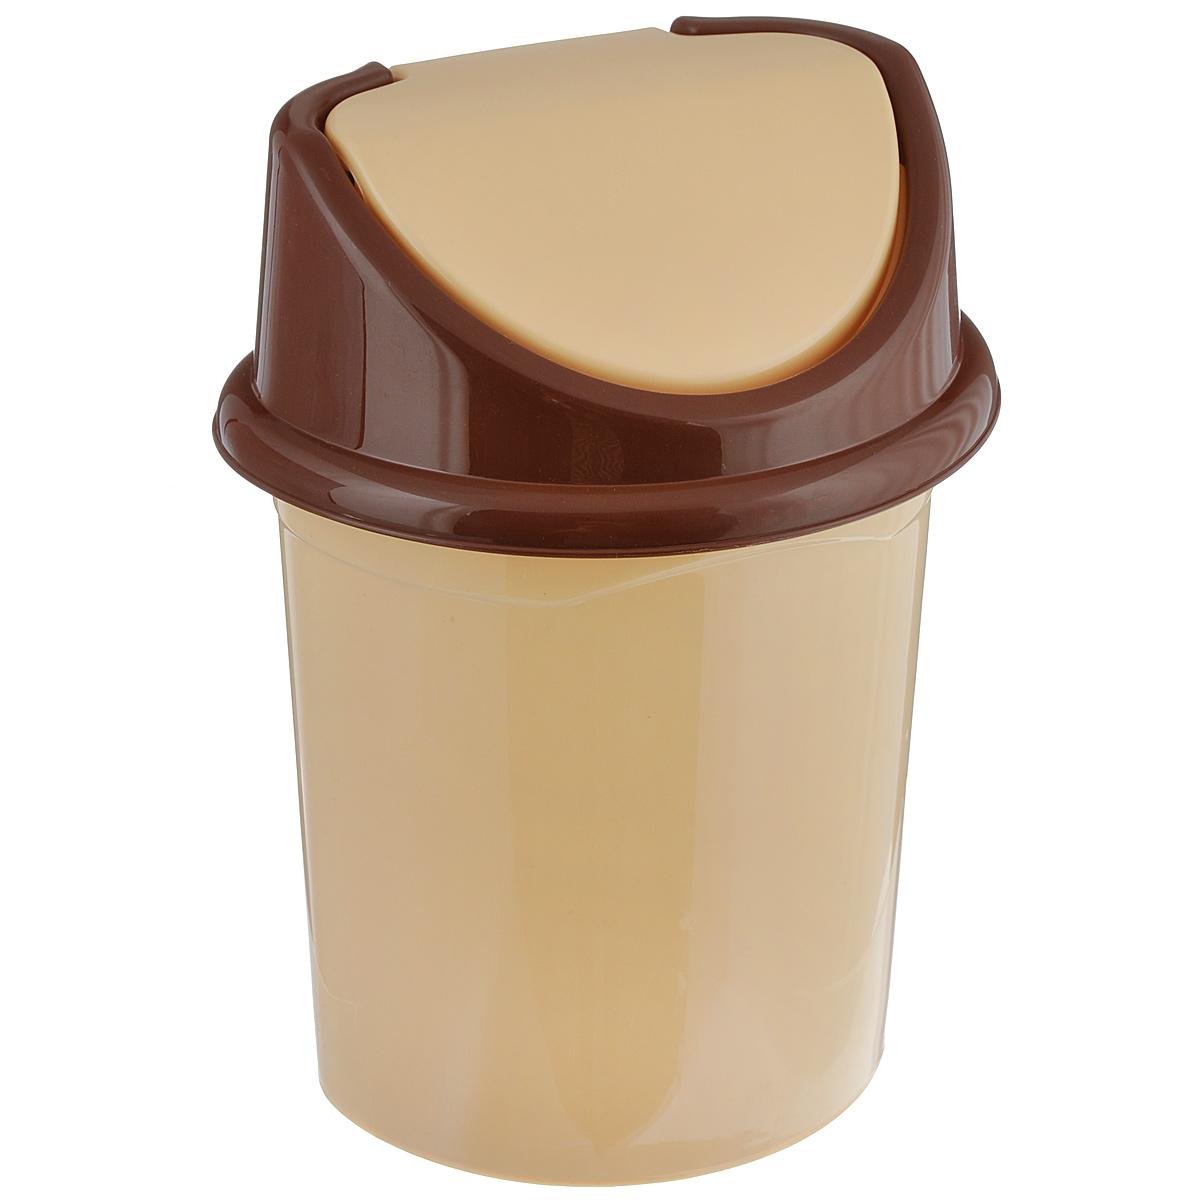 Контейнер для мусора Violet, цвет: бежевый, коричневый, 4 л0404/2Контейнер для мусора Violet изготовлен из прочного пластика и снабжен удобной съемной крышкой с подвижной перегородкой. В нем удобно хранить мелкий мусор. Благодаря лаконичному дизайну такой контейнер идеально впишется в интерьер и дома, и офиса. Размер изделия: 16 см x 20 см x 27 см.